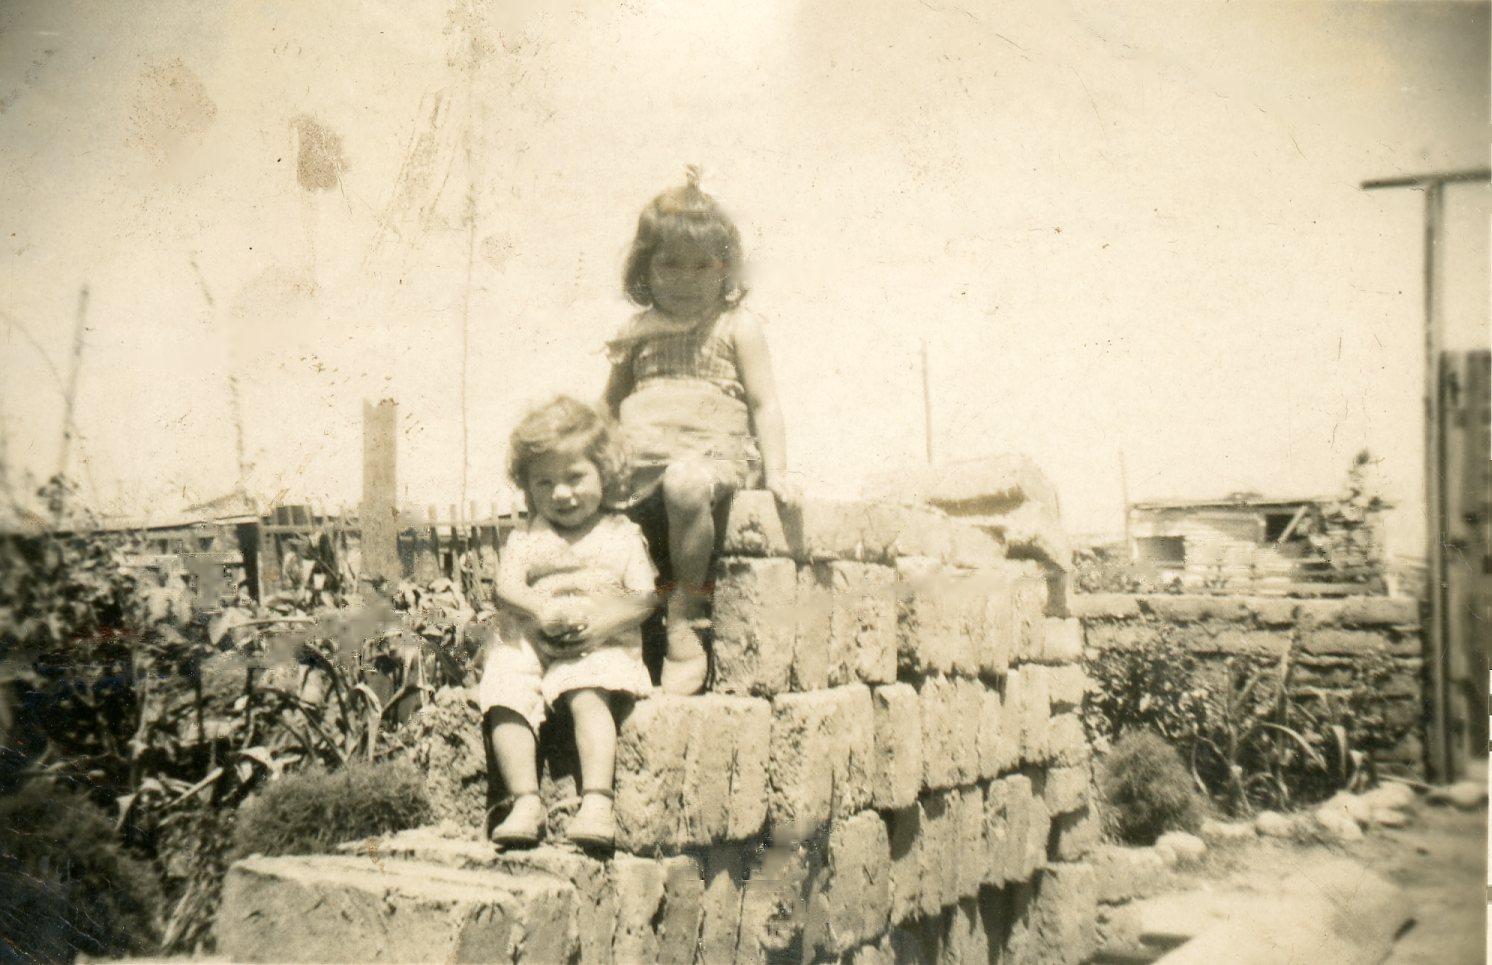 Enterreno - Fotos históricas de chile - fotos antiguas de Chile - Niñas sobre ladrillos en 1960